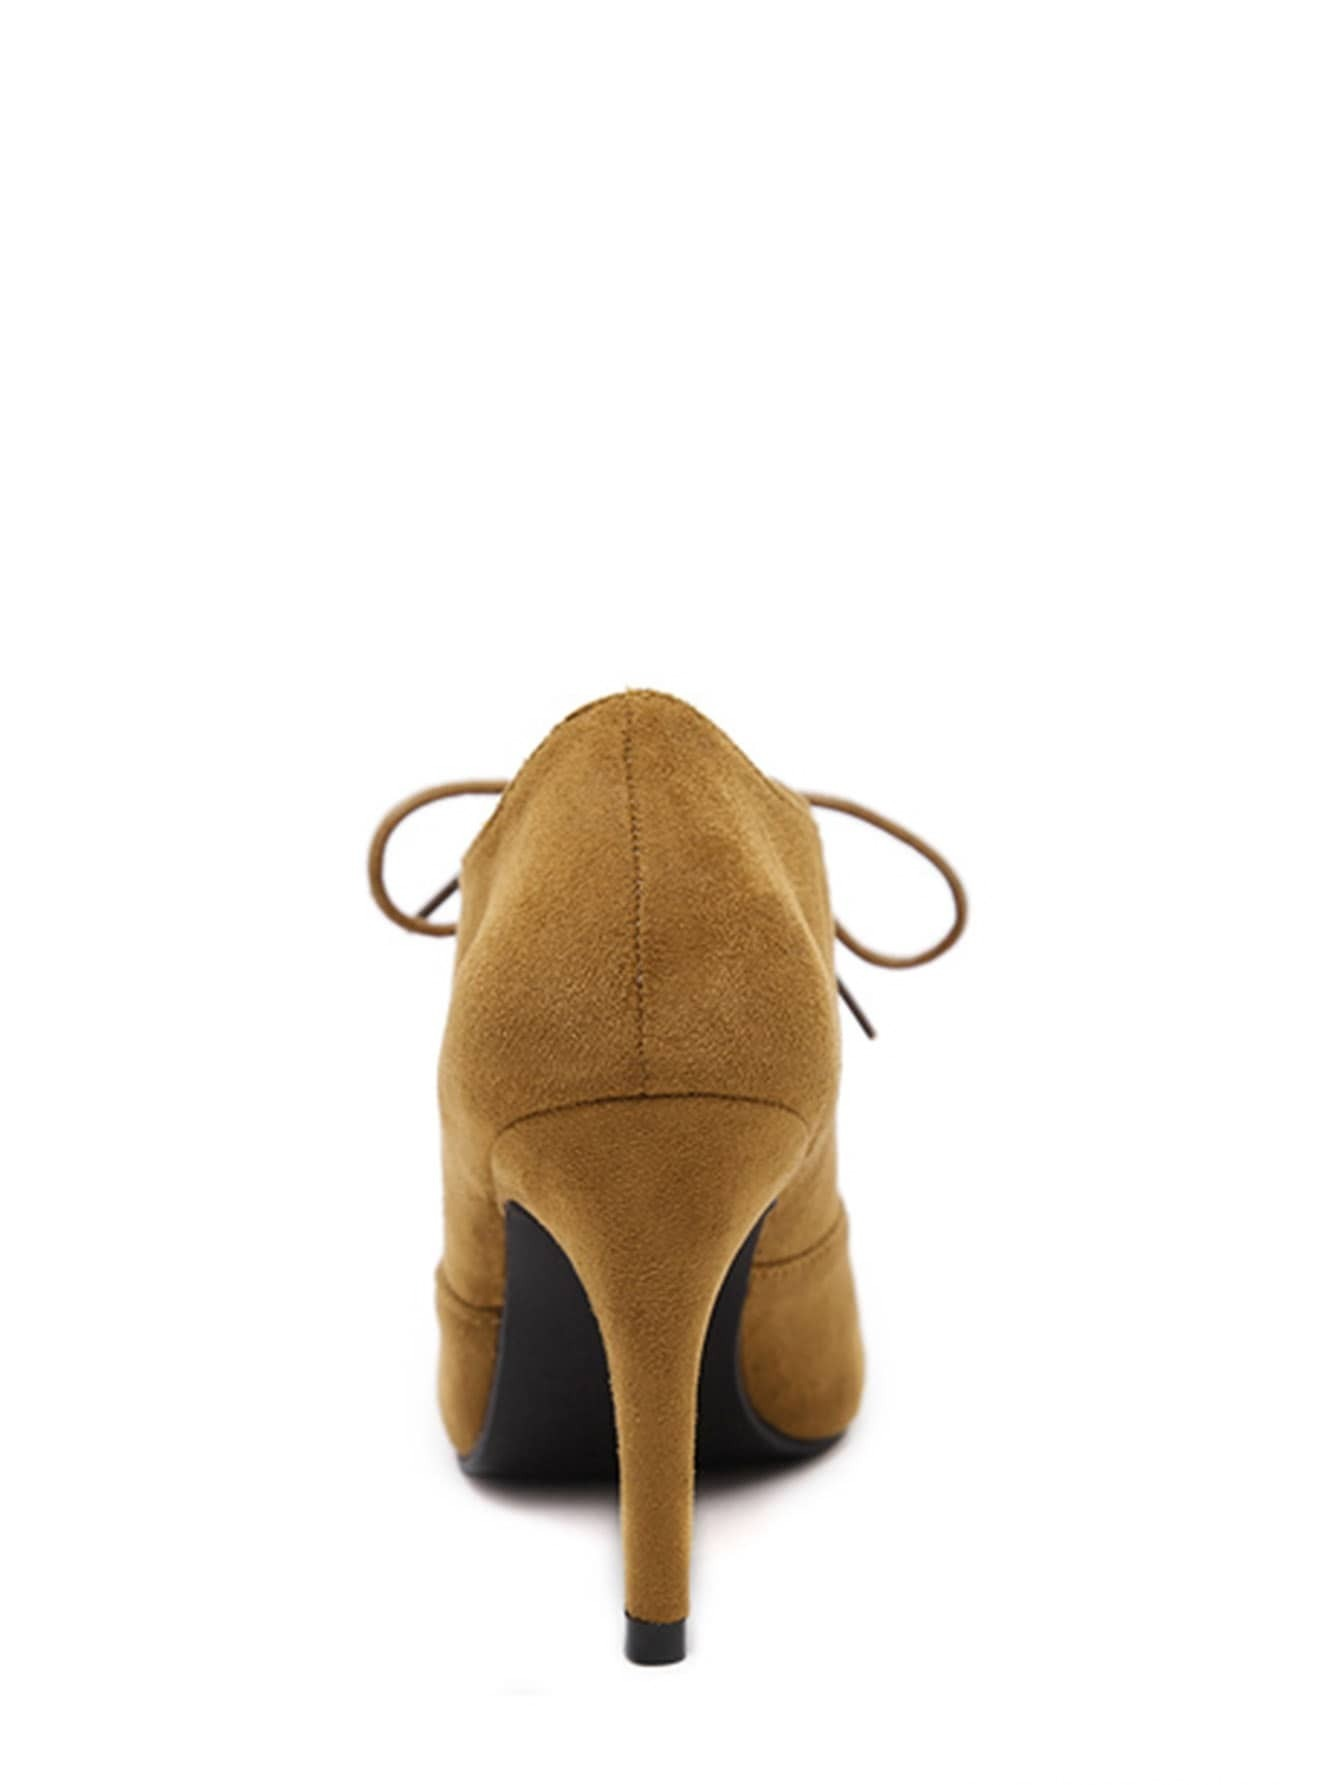 Chaussures talon en su dine bout cape avec lacet brun for Acheter maison suede